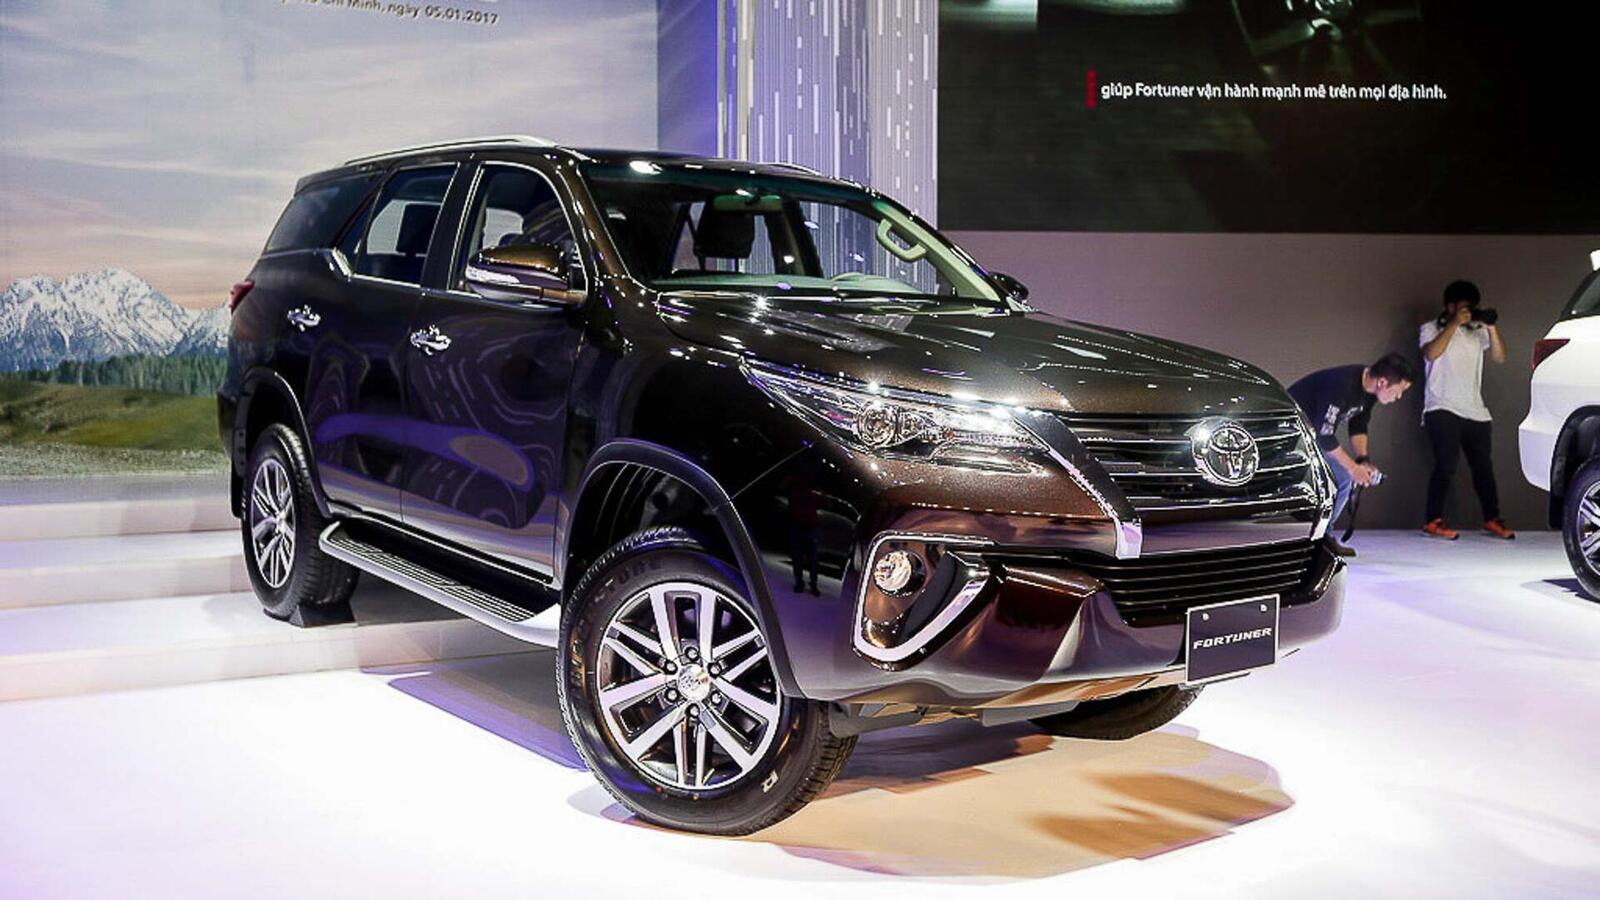 Toyota Fortuner được đồn đoán sẽ quay lại lắp ráp trong nước: Trở lại để thống lĩnh phân khúc - Hình 3